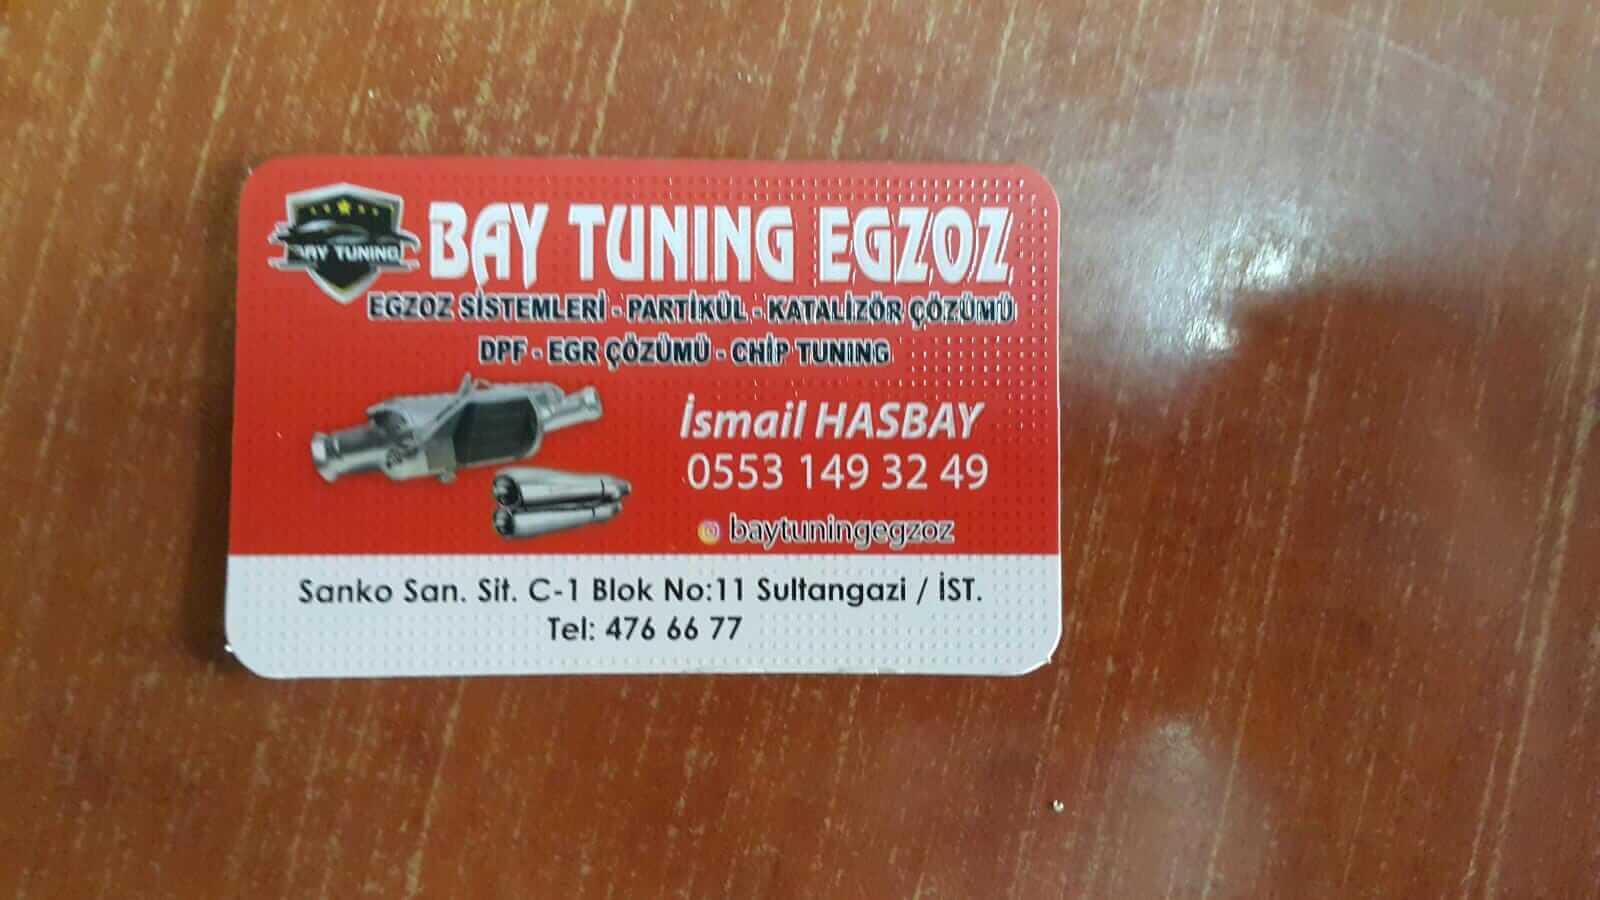 Bay Tuning Egzoz